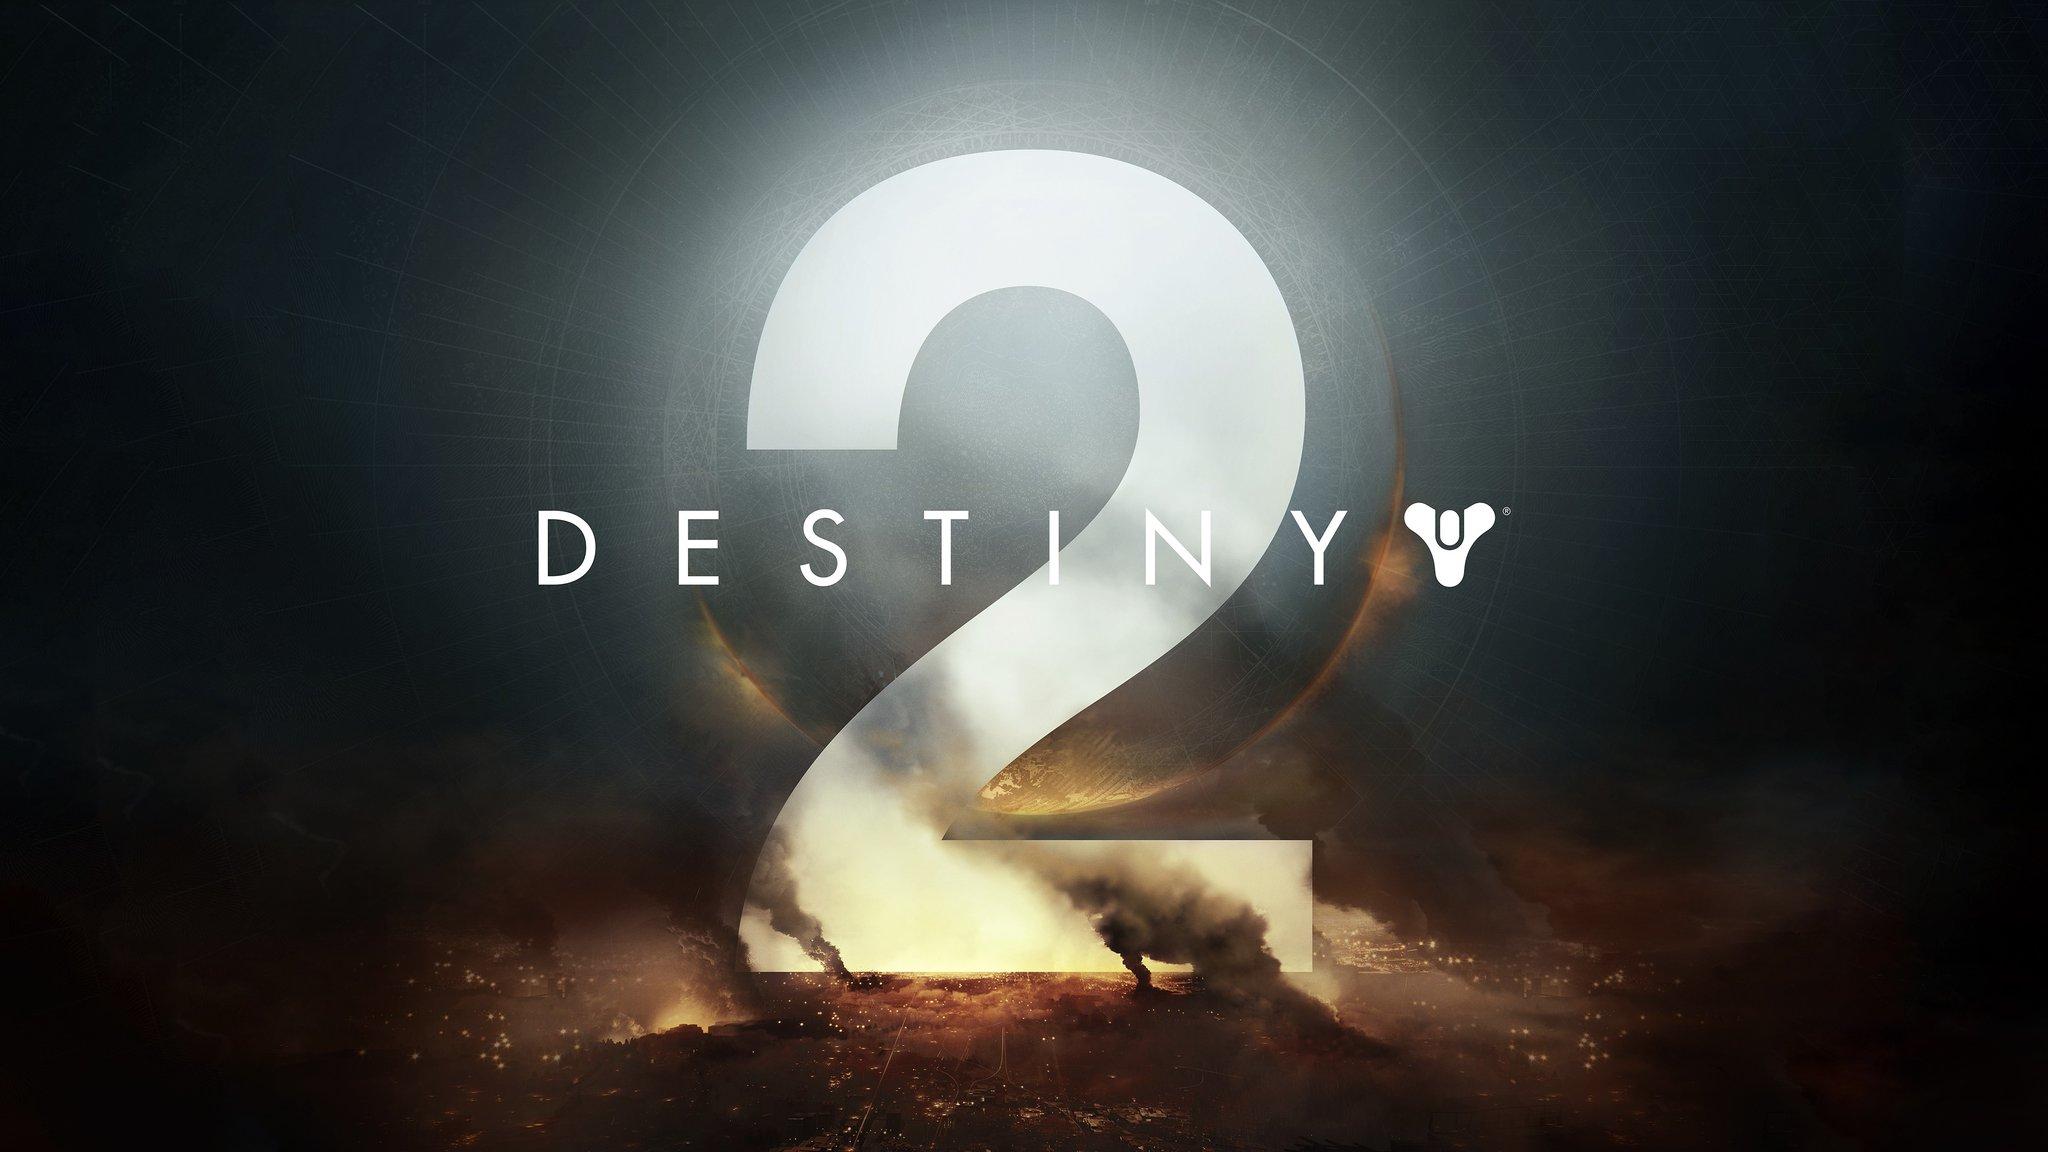 Destiny 2 announcement